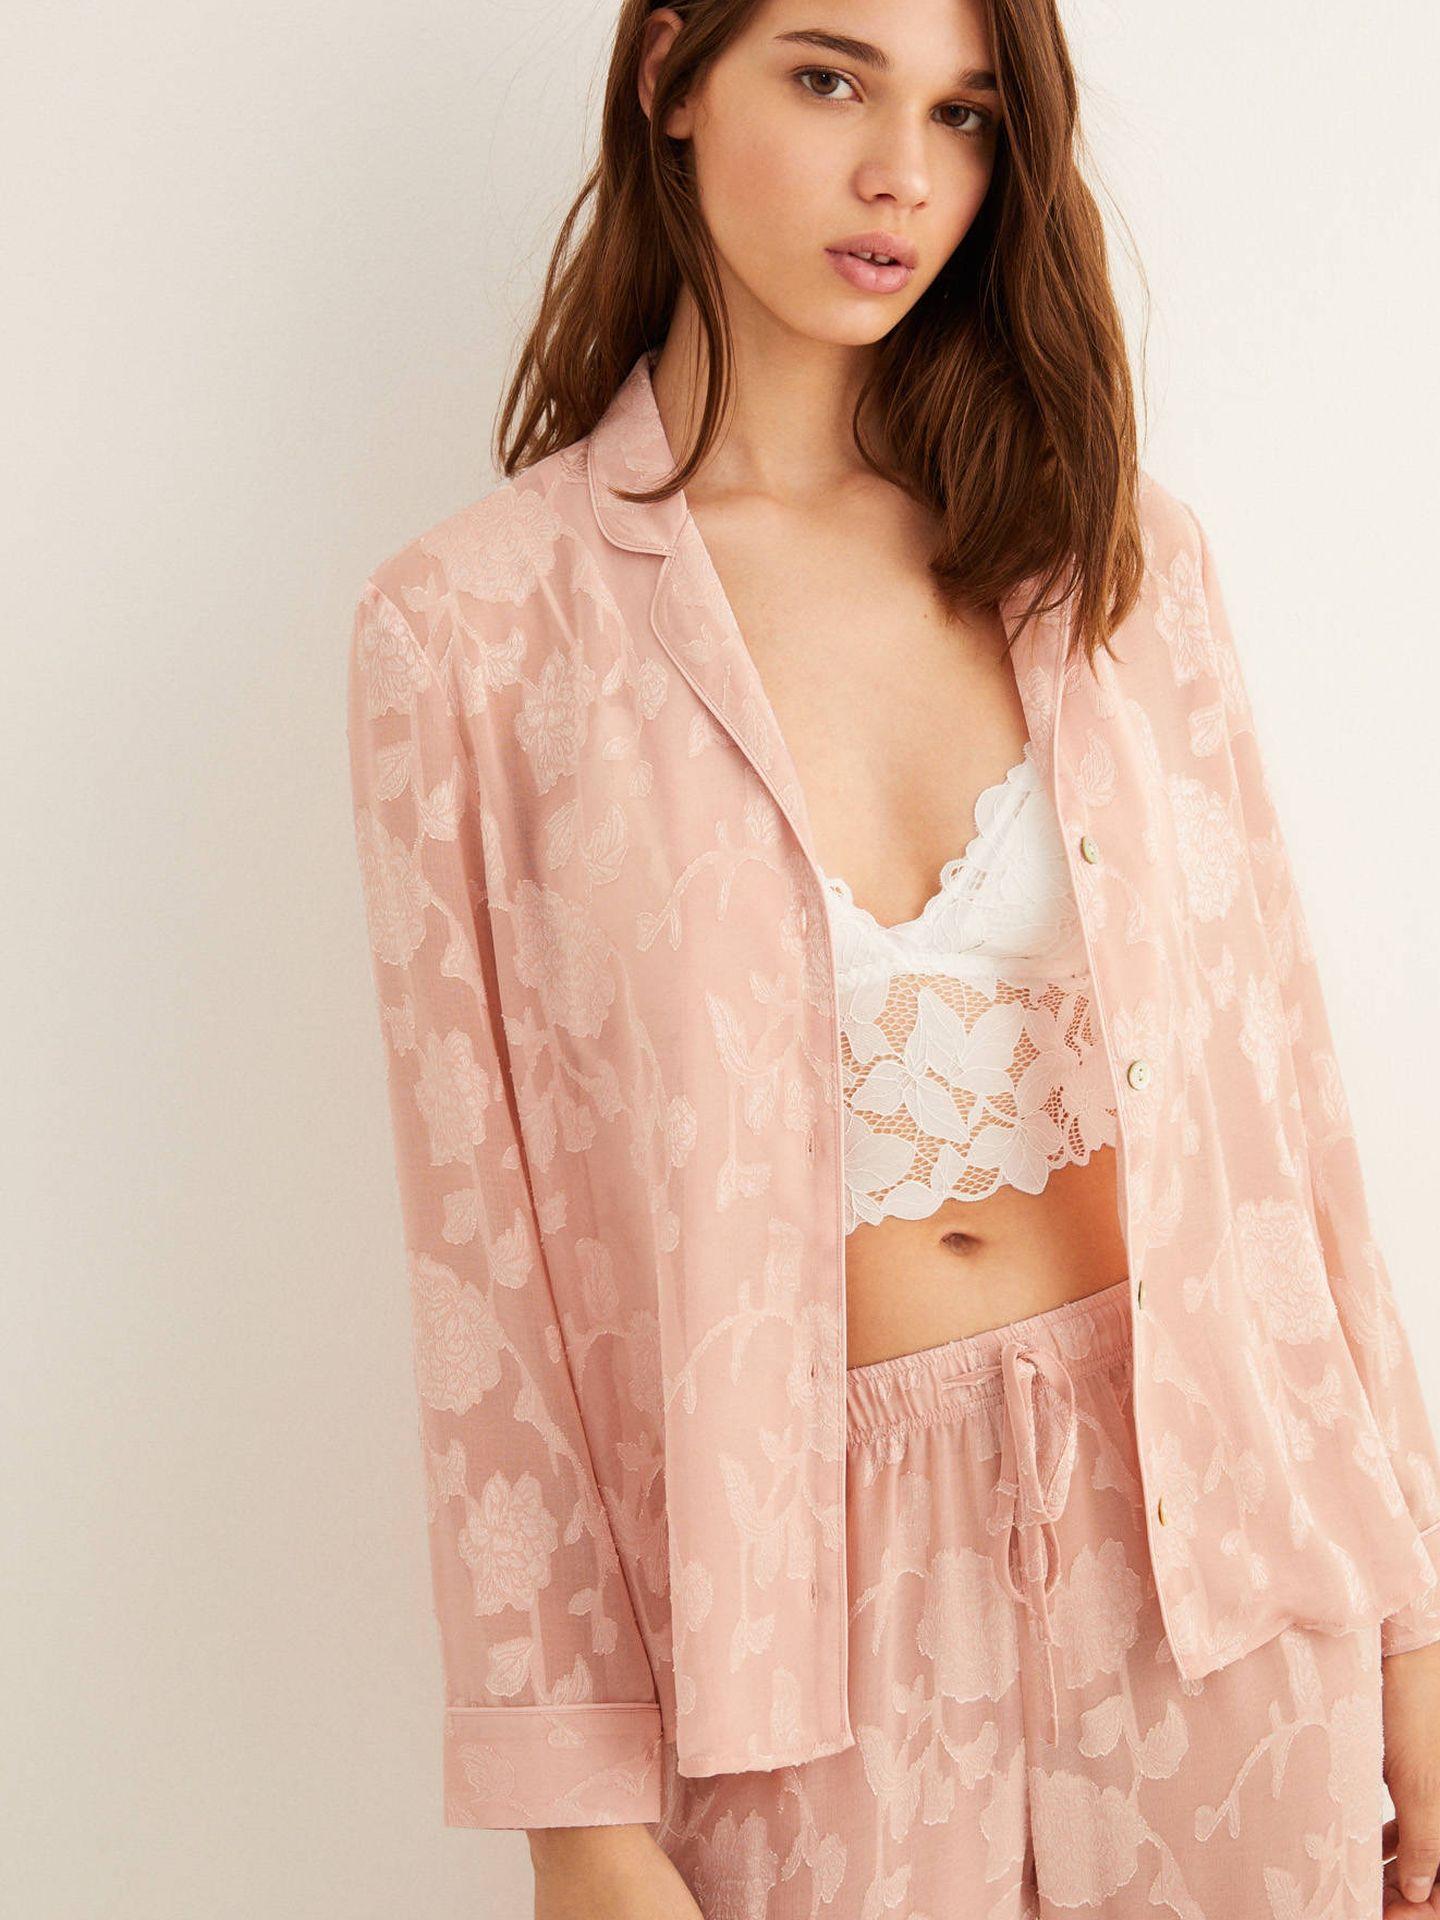 Este pijama largo de Women'secret cuesta 32 euros (Cortesía)